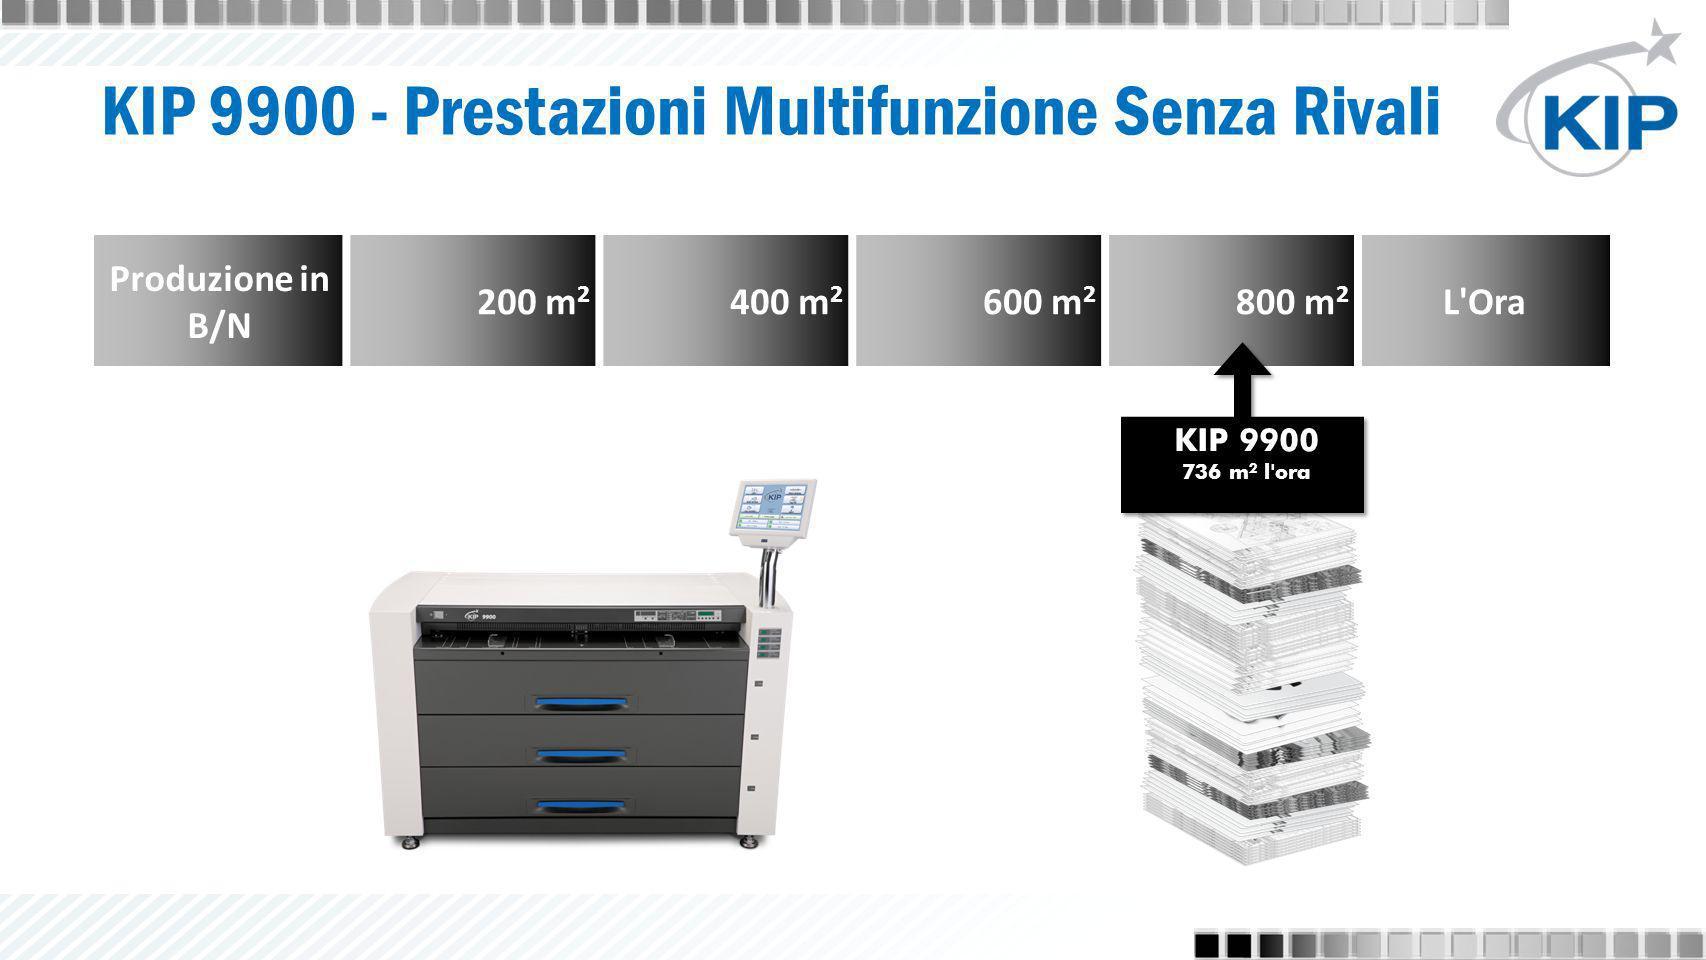 KIP 9900 Configurazioni a Struttura Singola o Doppia Comandi Touchscreen a Colori Capacità Supporti: 4 Bobine 22 Stampe A1 al Minuto 22 A1 al minuto 22 A1 al minuto